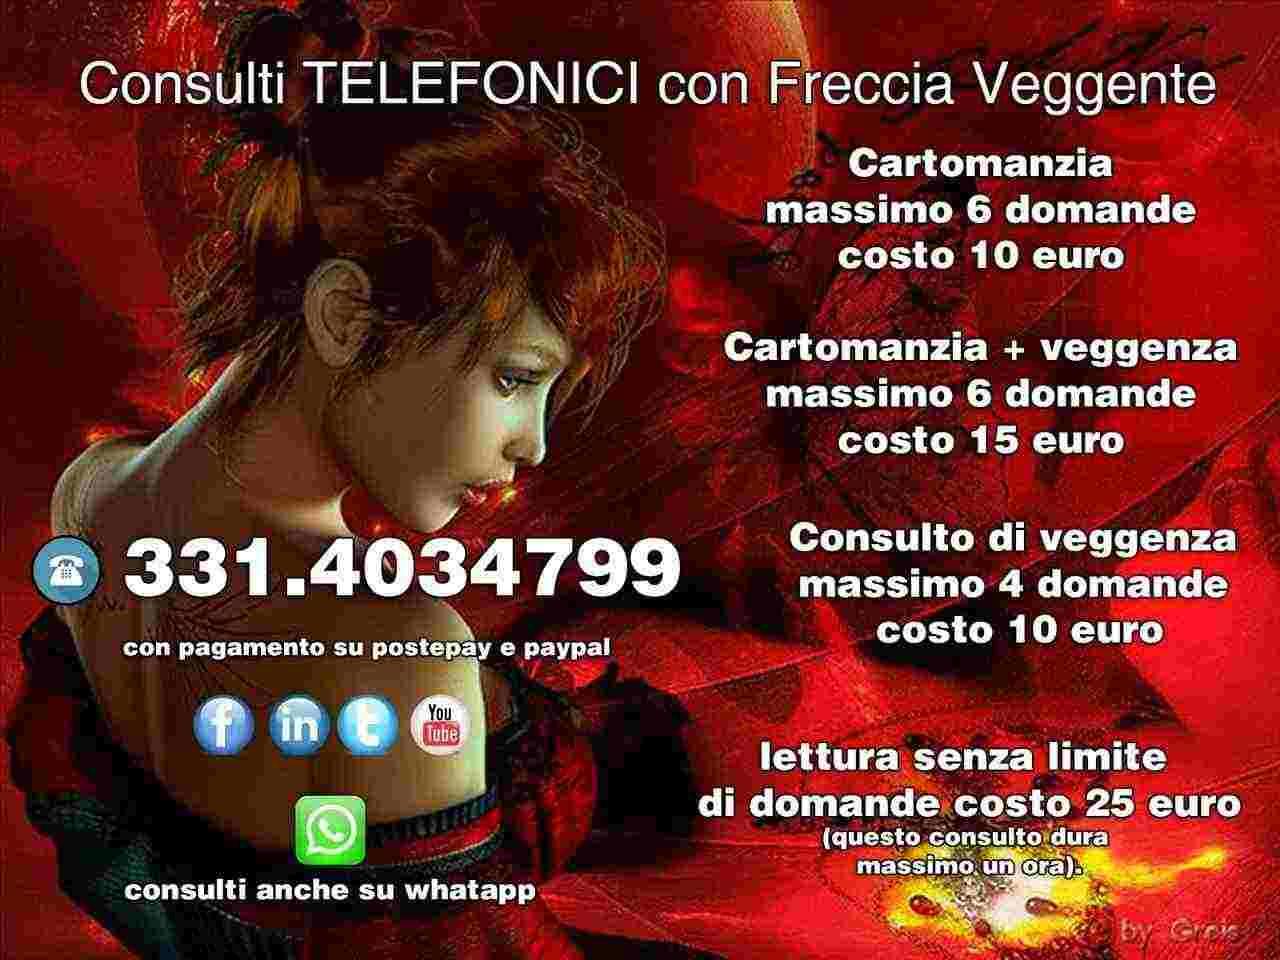 Cerchi una risposta vera? Chiama 331 403 4799